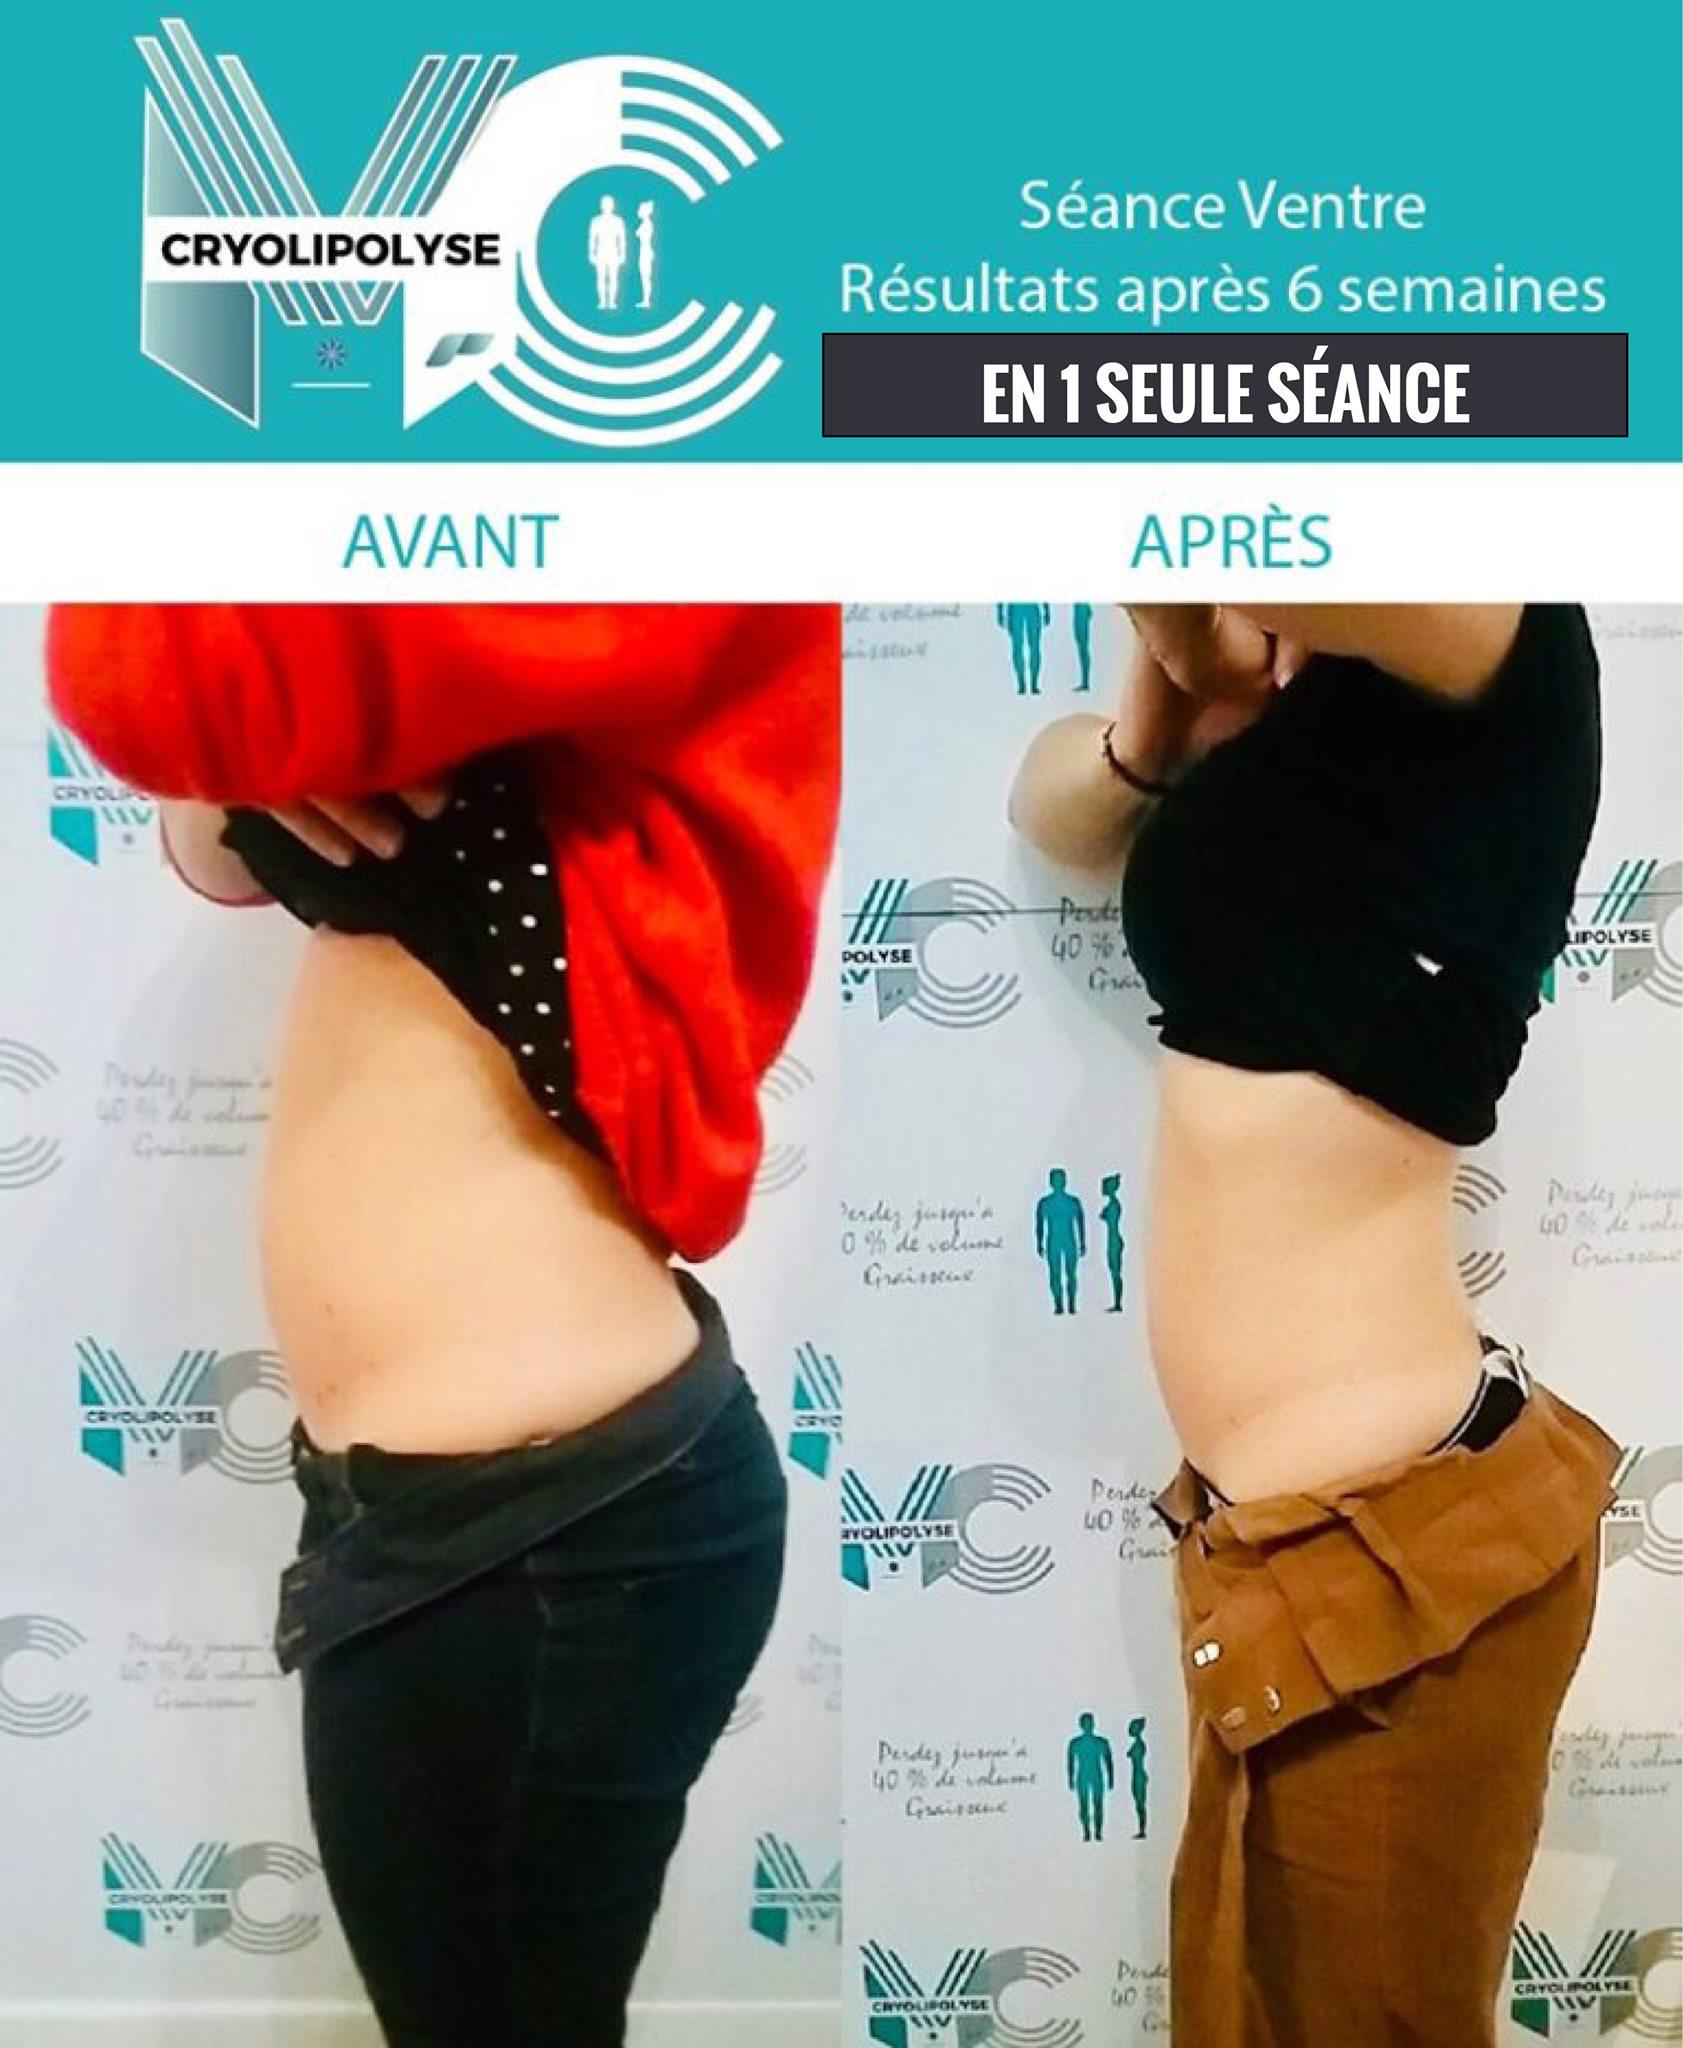 Séance ventre : résultats après 6 semaines